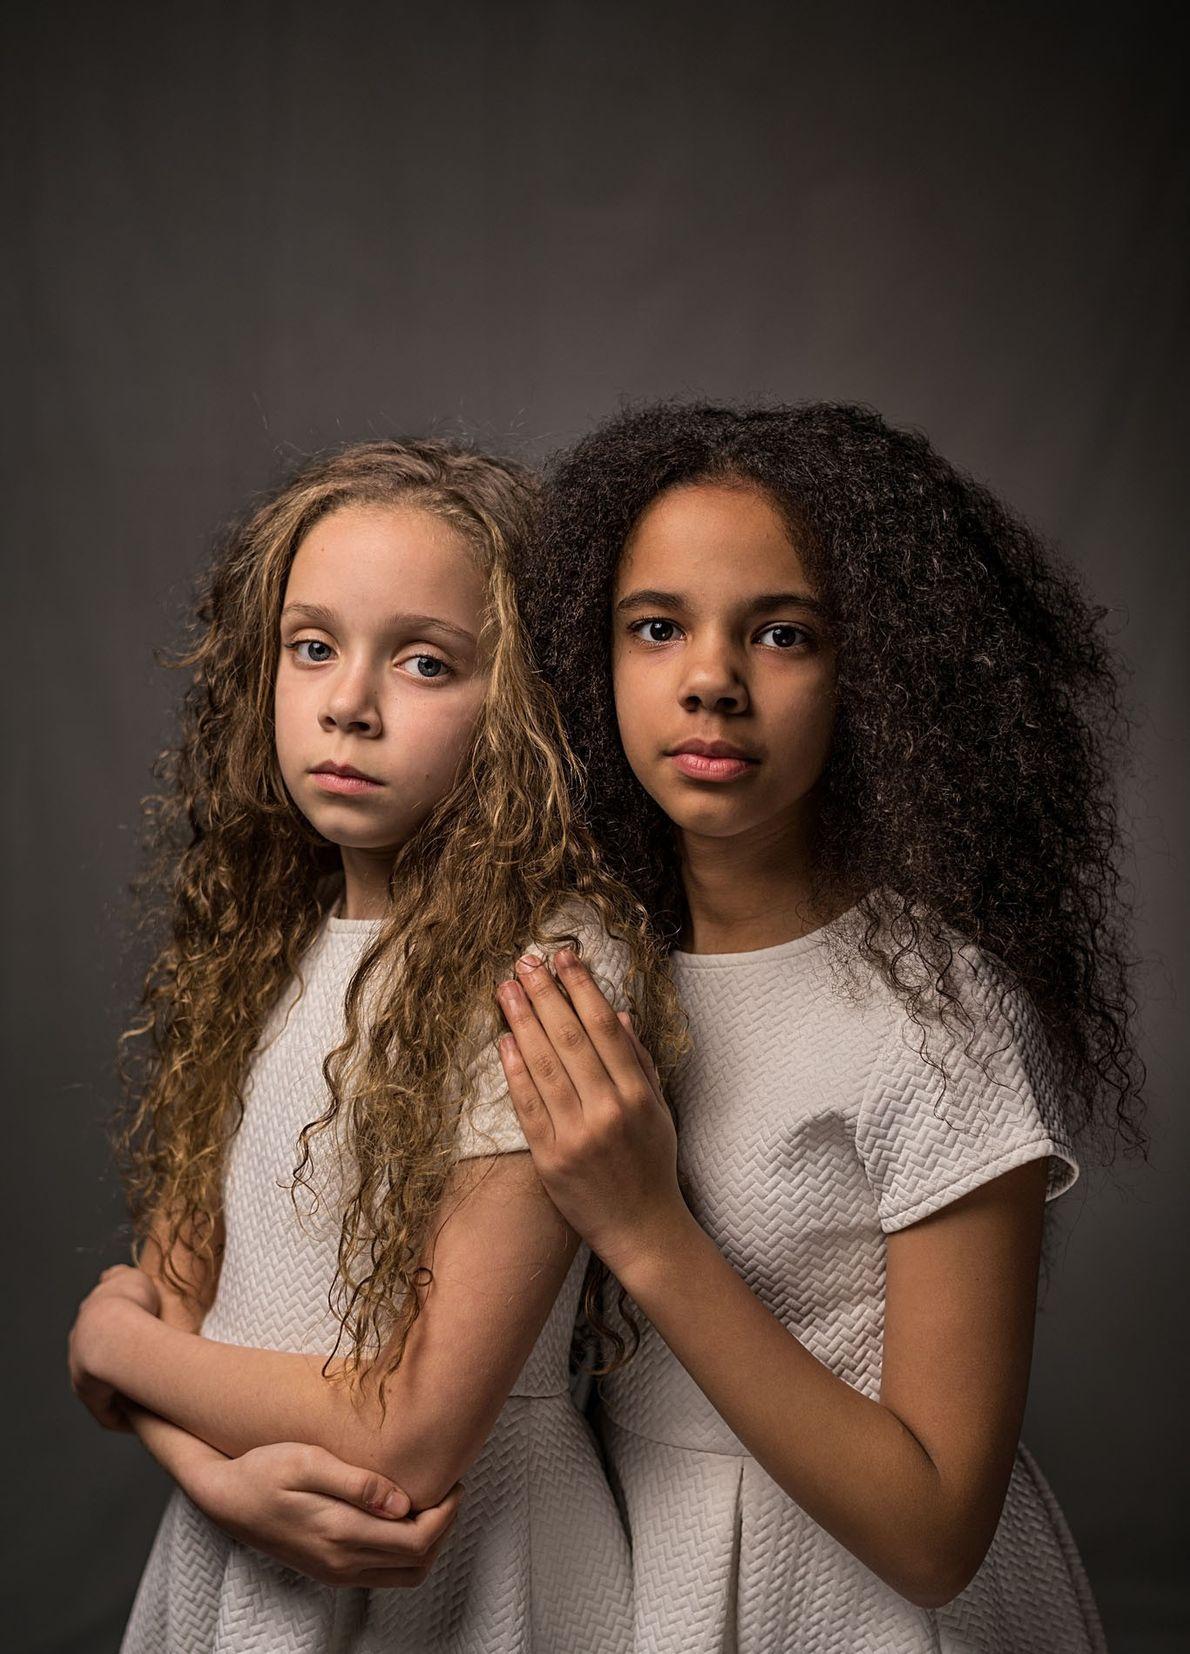 Marcia (esquerda) e Millie Biggs, 11, dizem que as pessoas ficam chocadas ao saberem que são ...